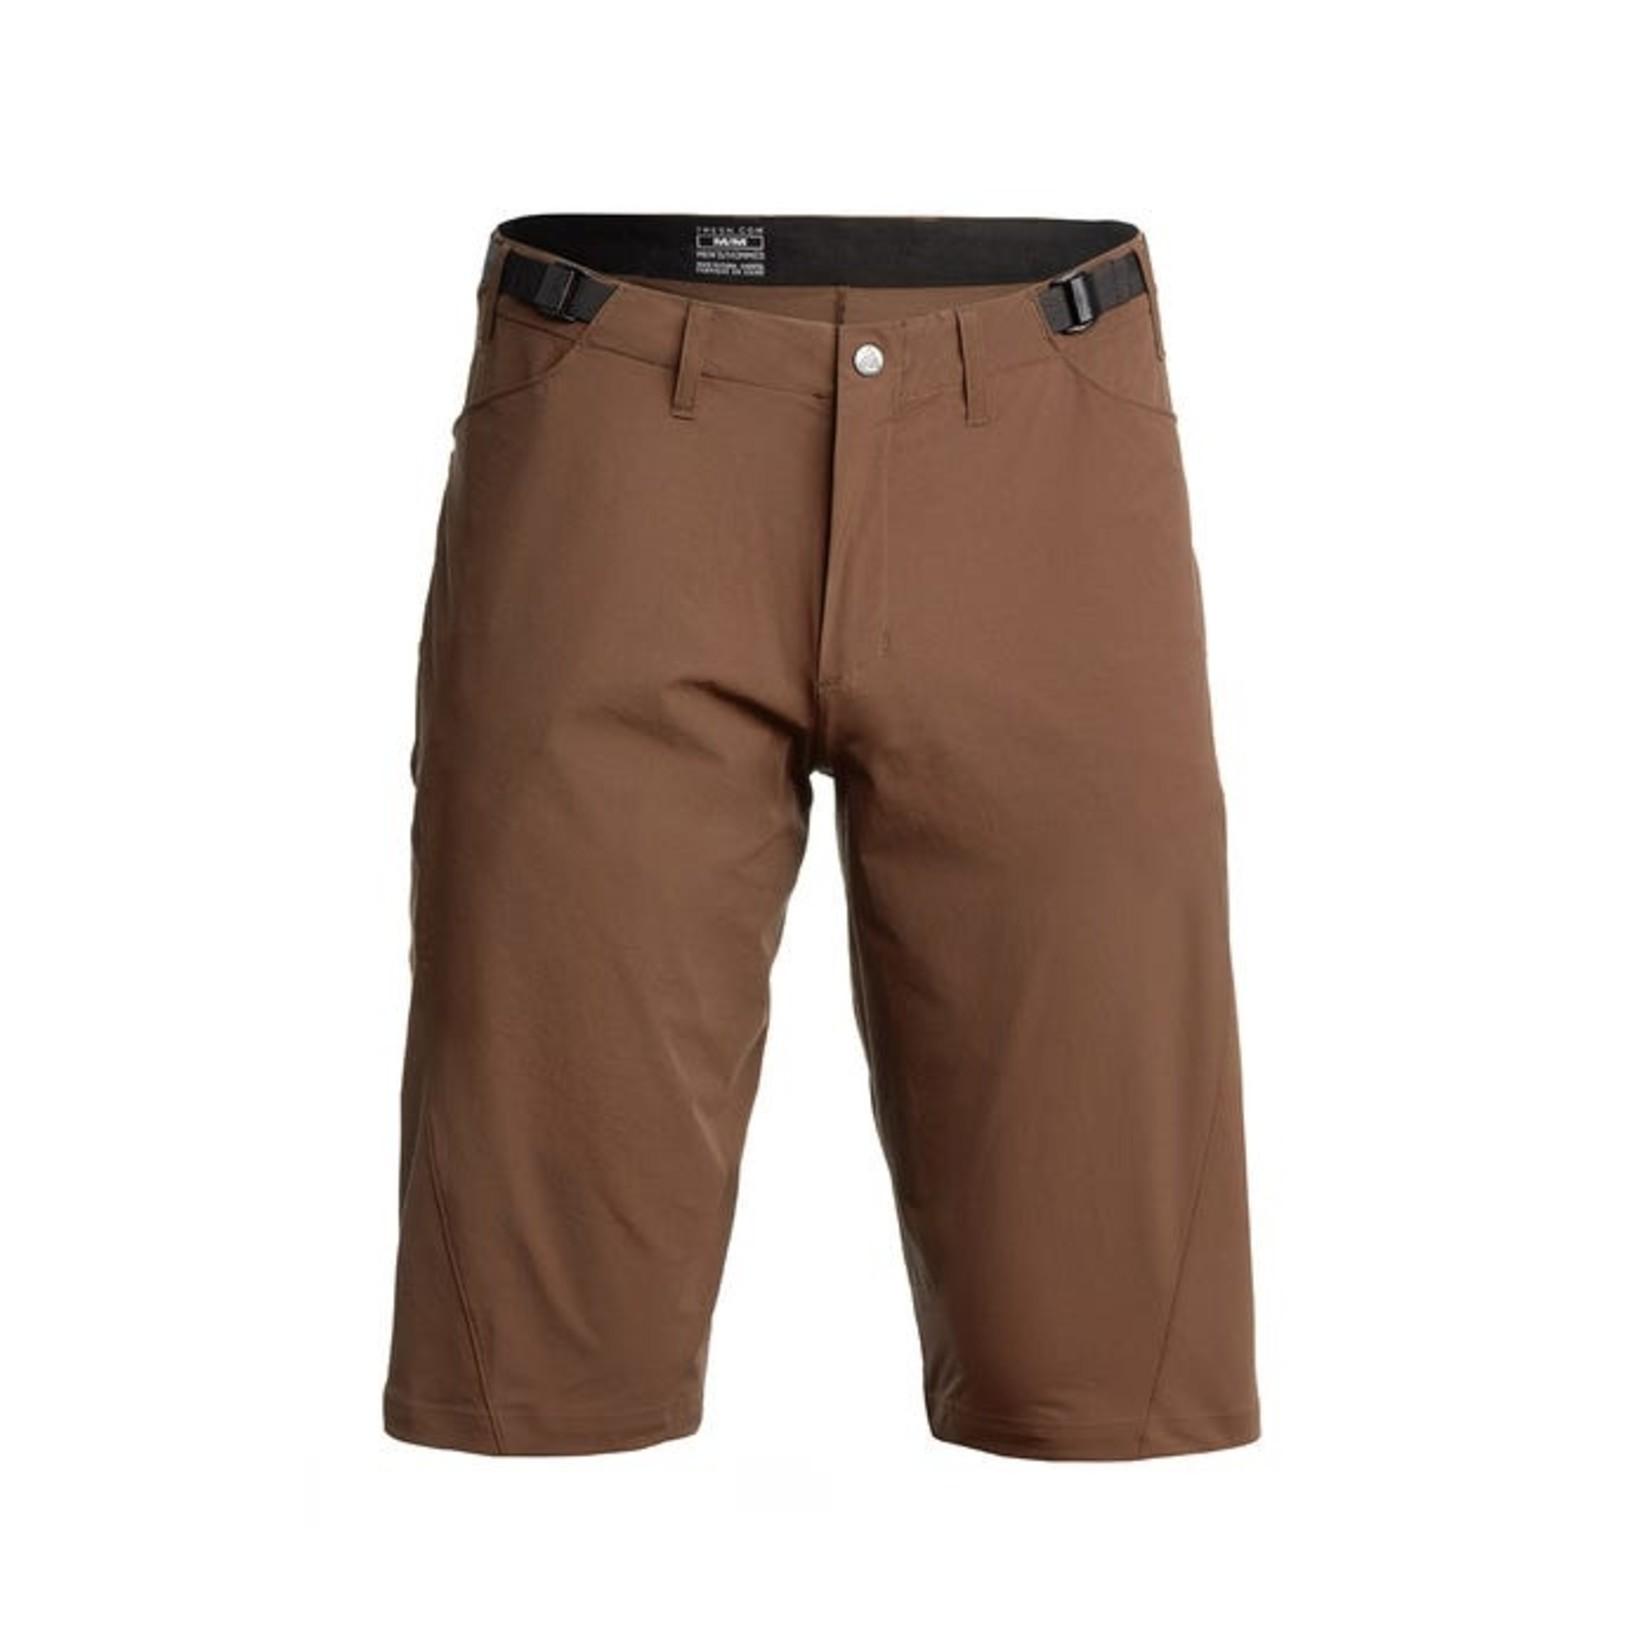 7Mesh 7Mesh  Farside Long Short Men's